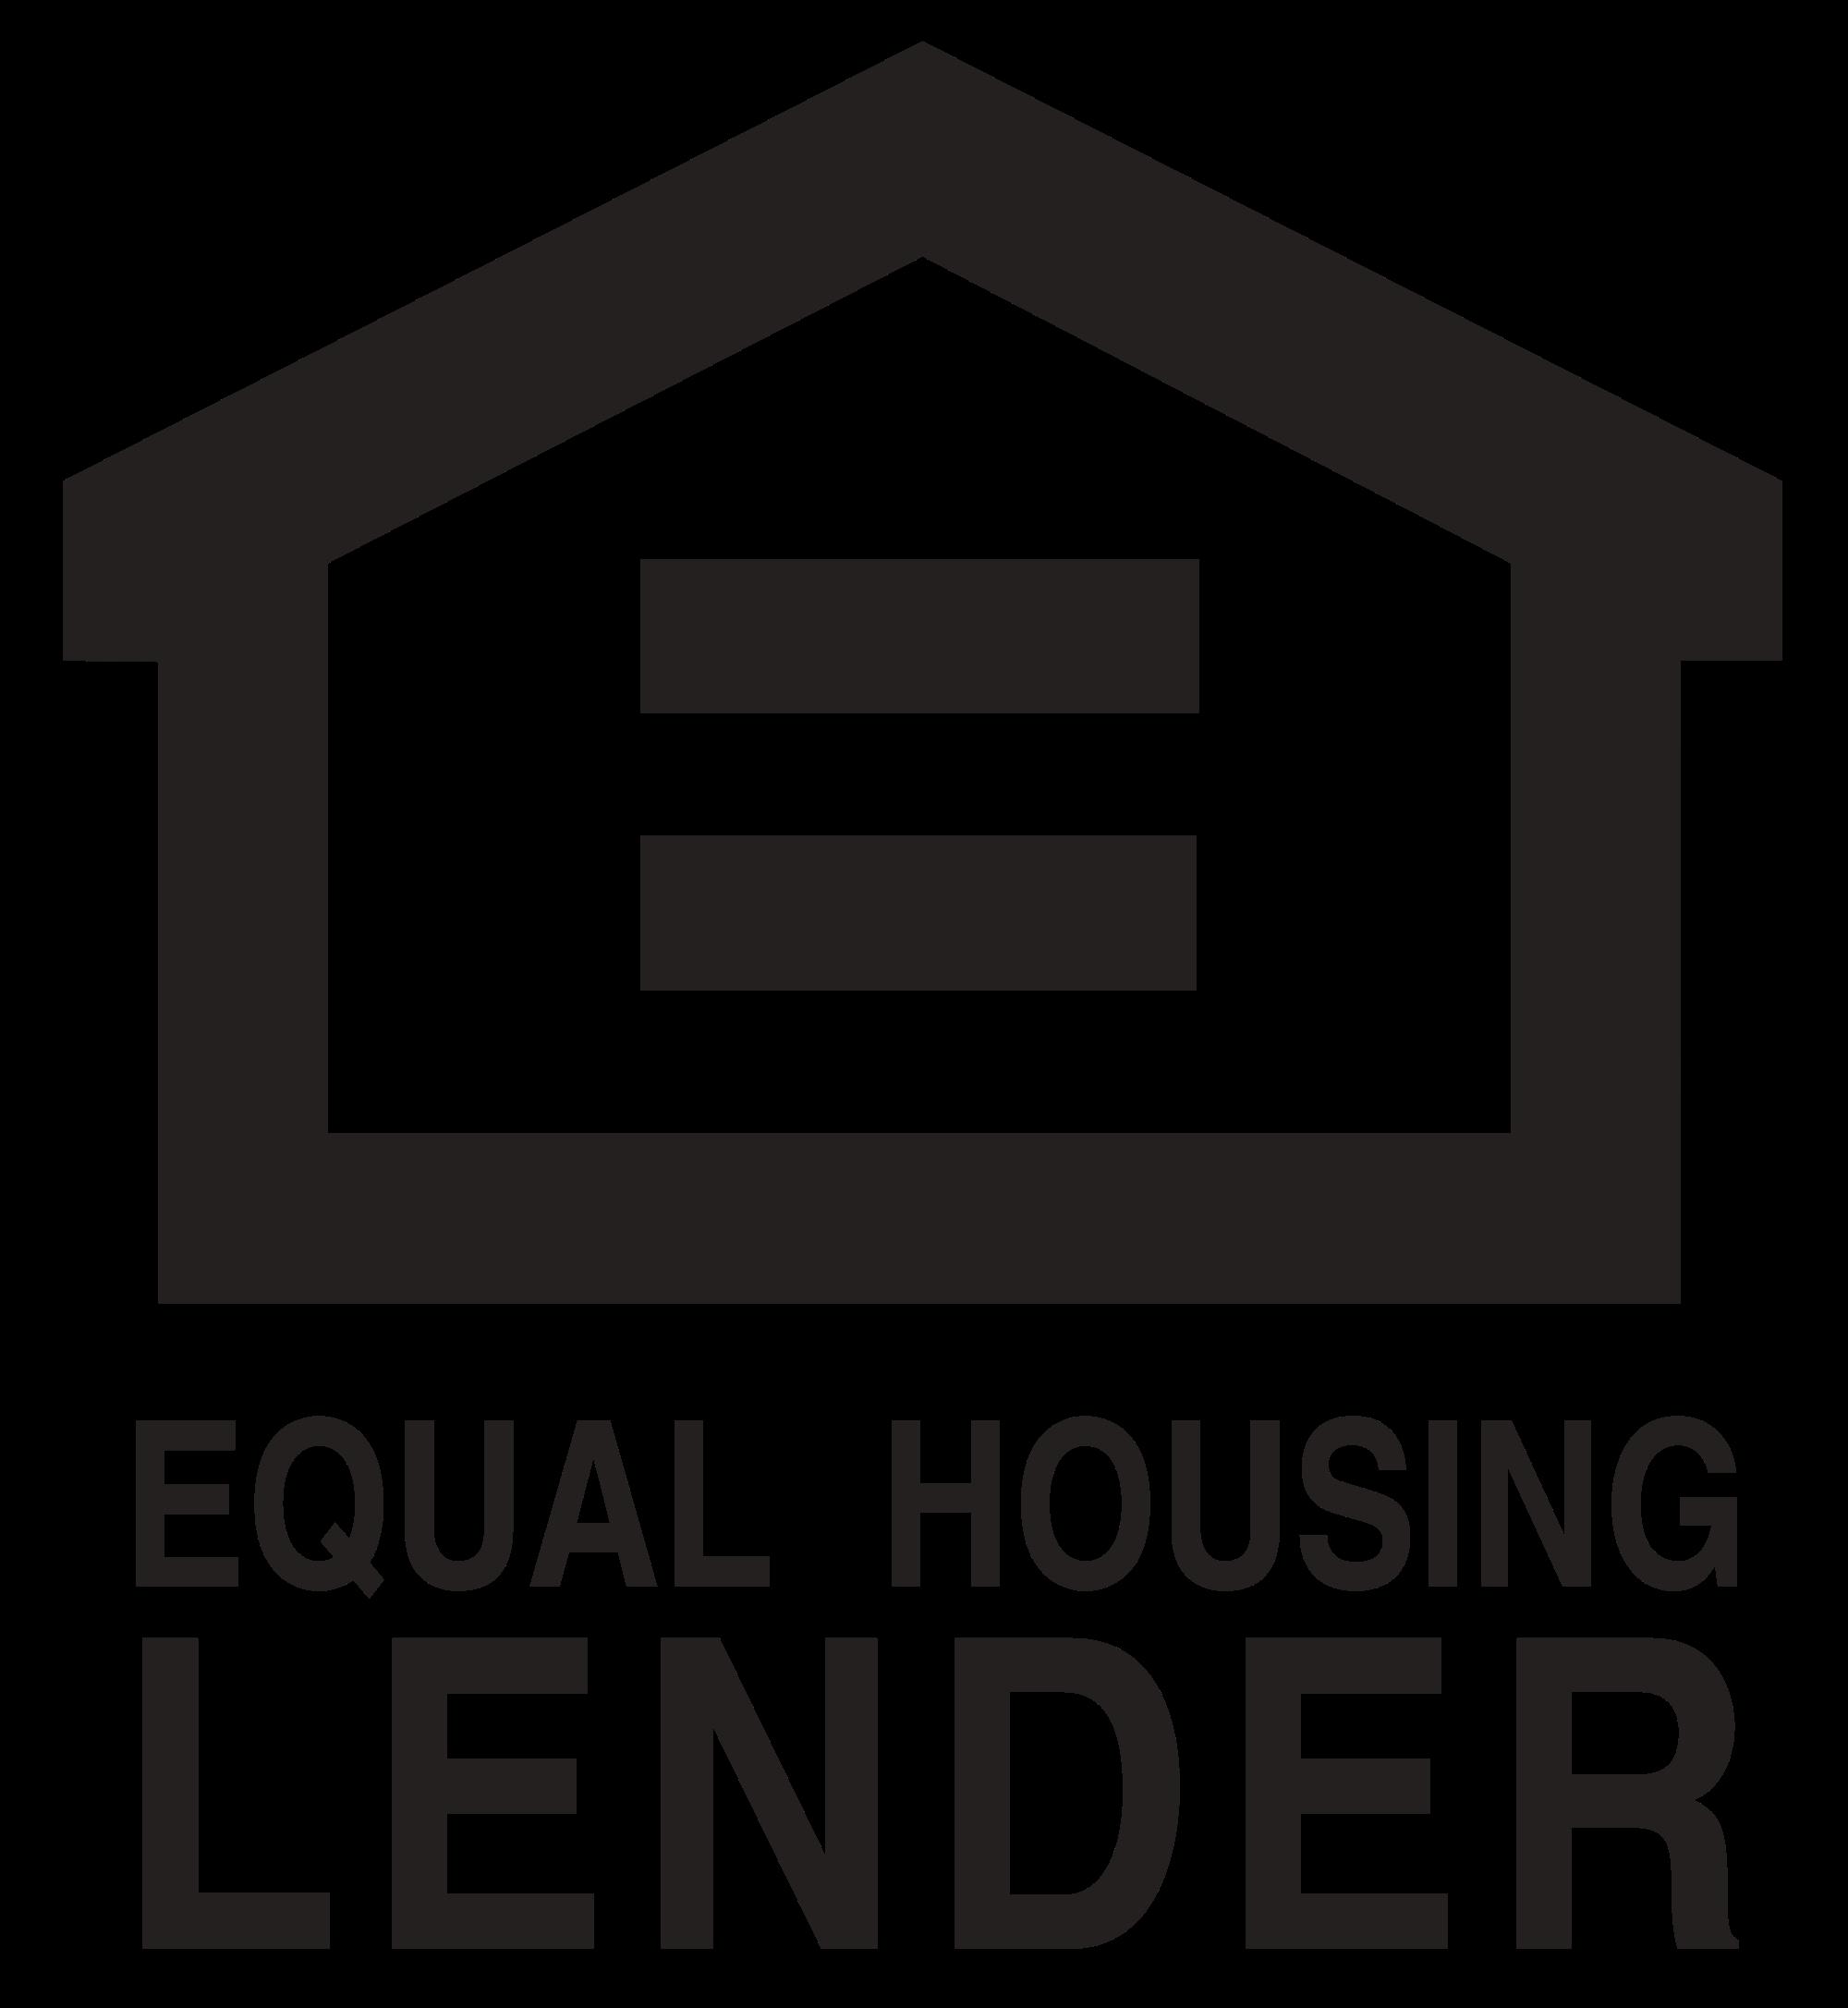 Image result for equal housing lender logo 2017